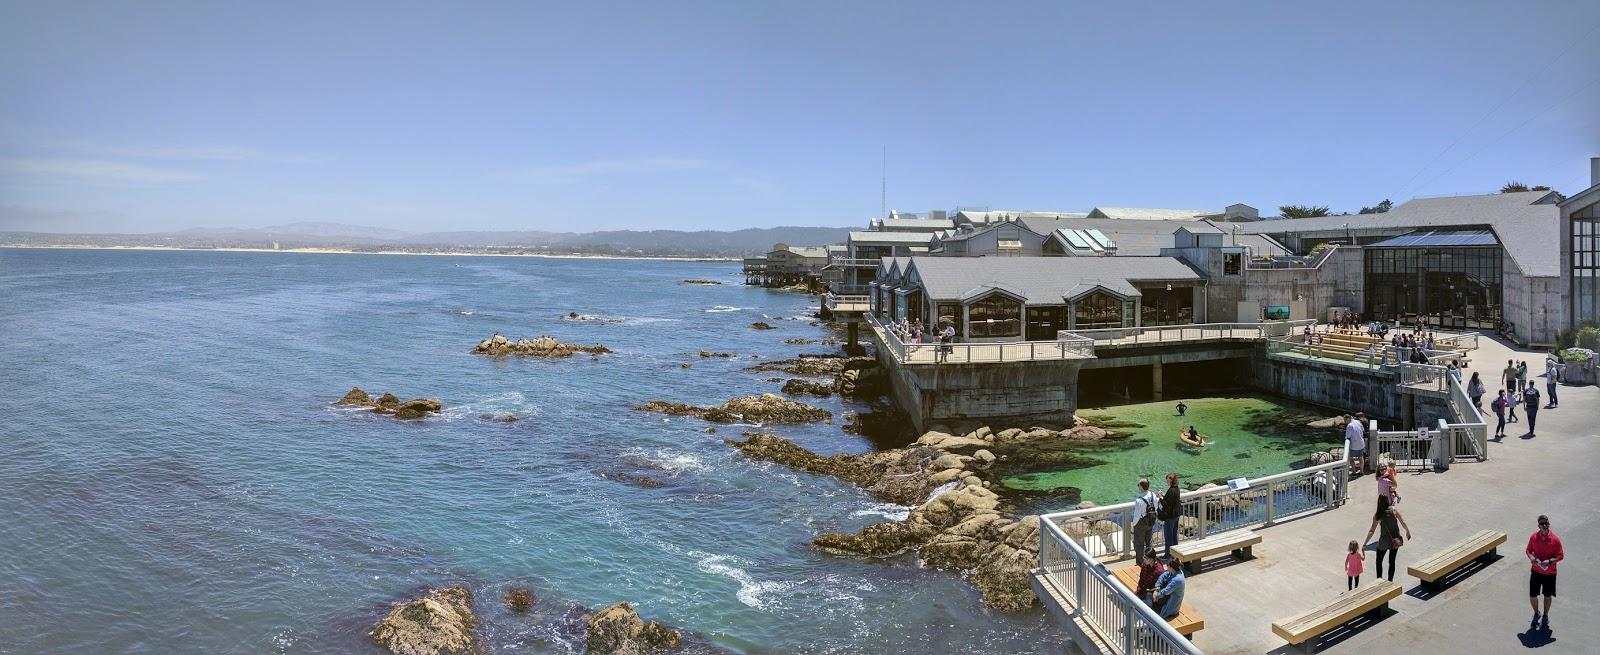 Monterey-bay-aquarium-review.jpg